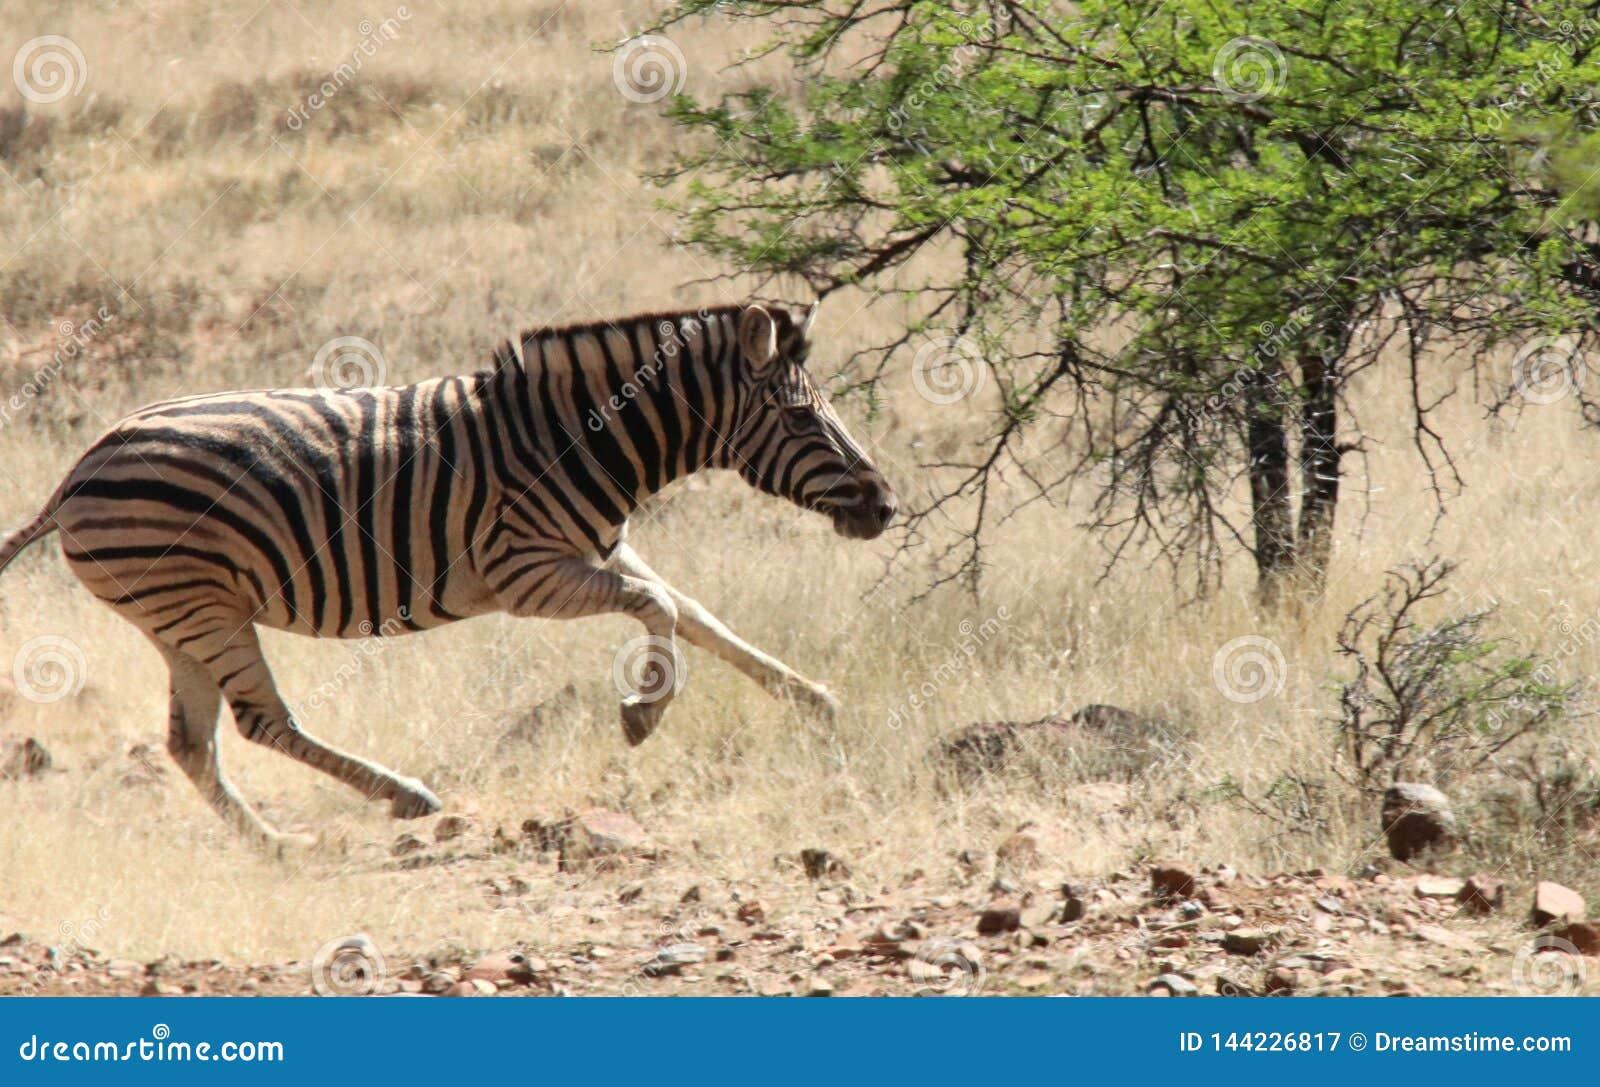 Ход зебры на саванне в Южной Африке